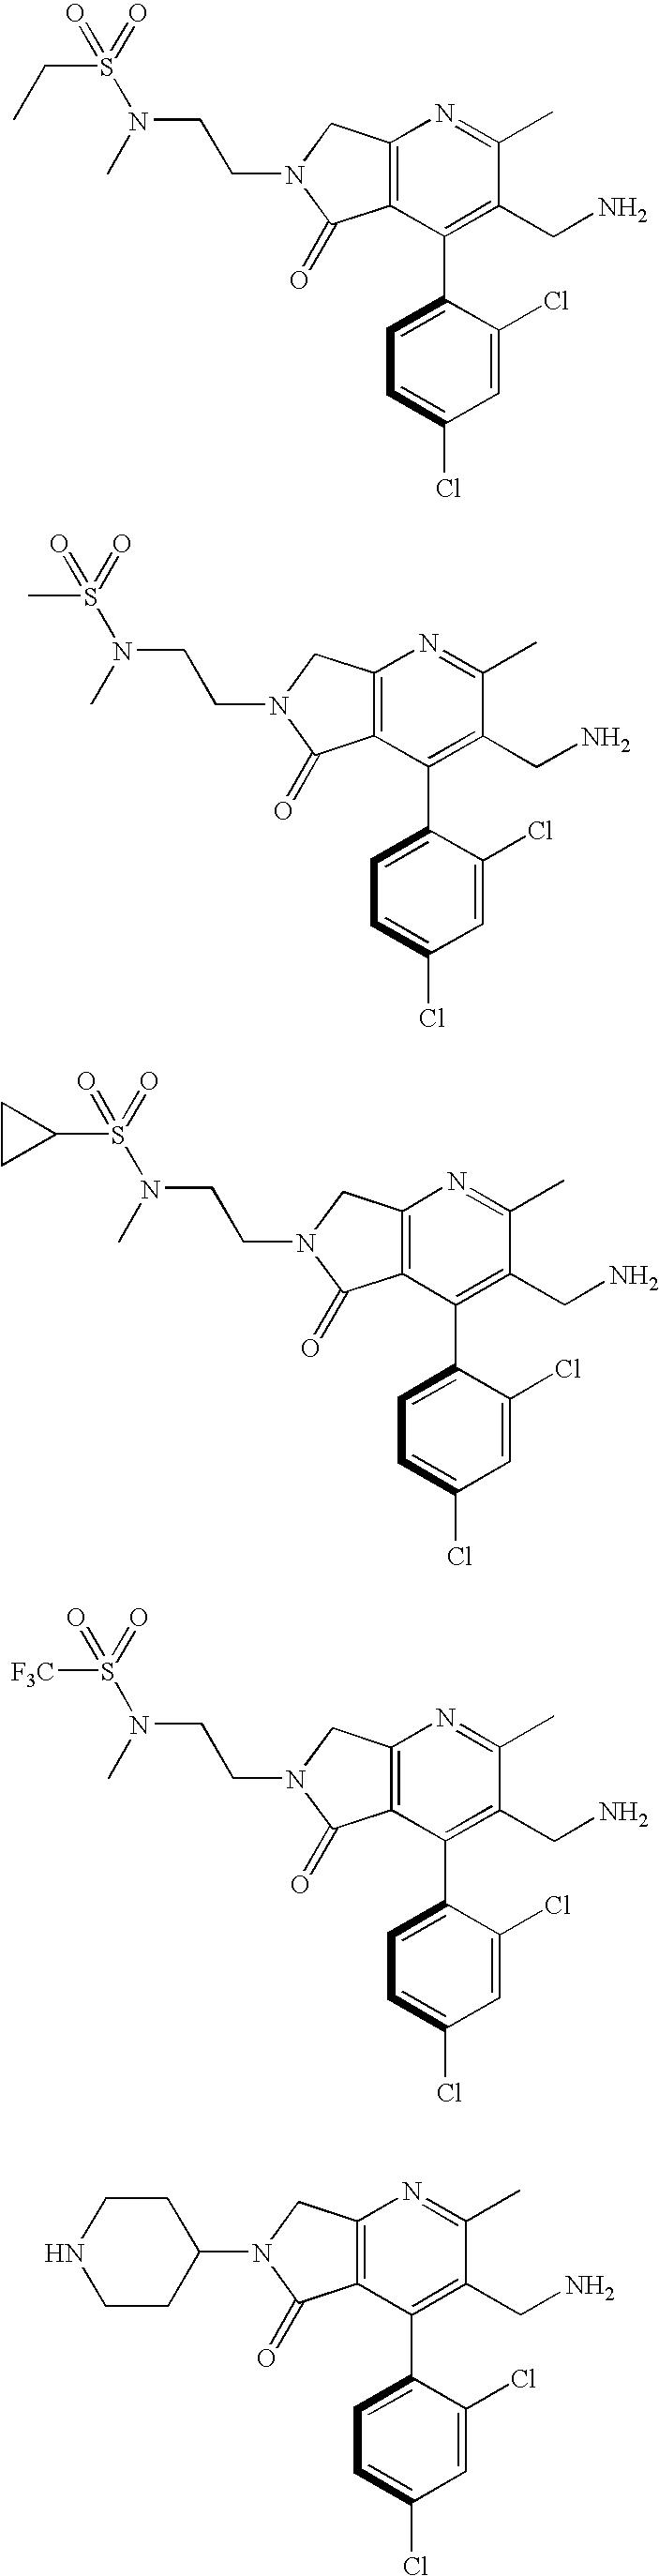 Figure US07521557-20090421-C00325